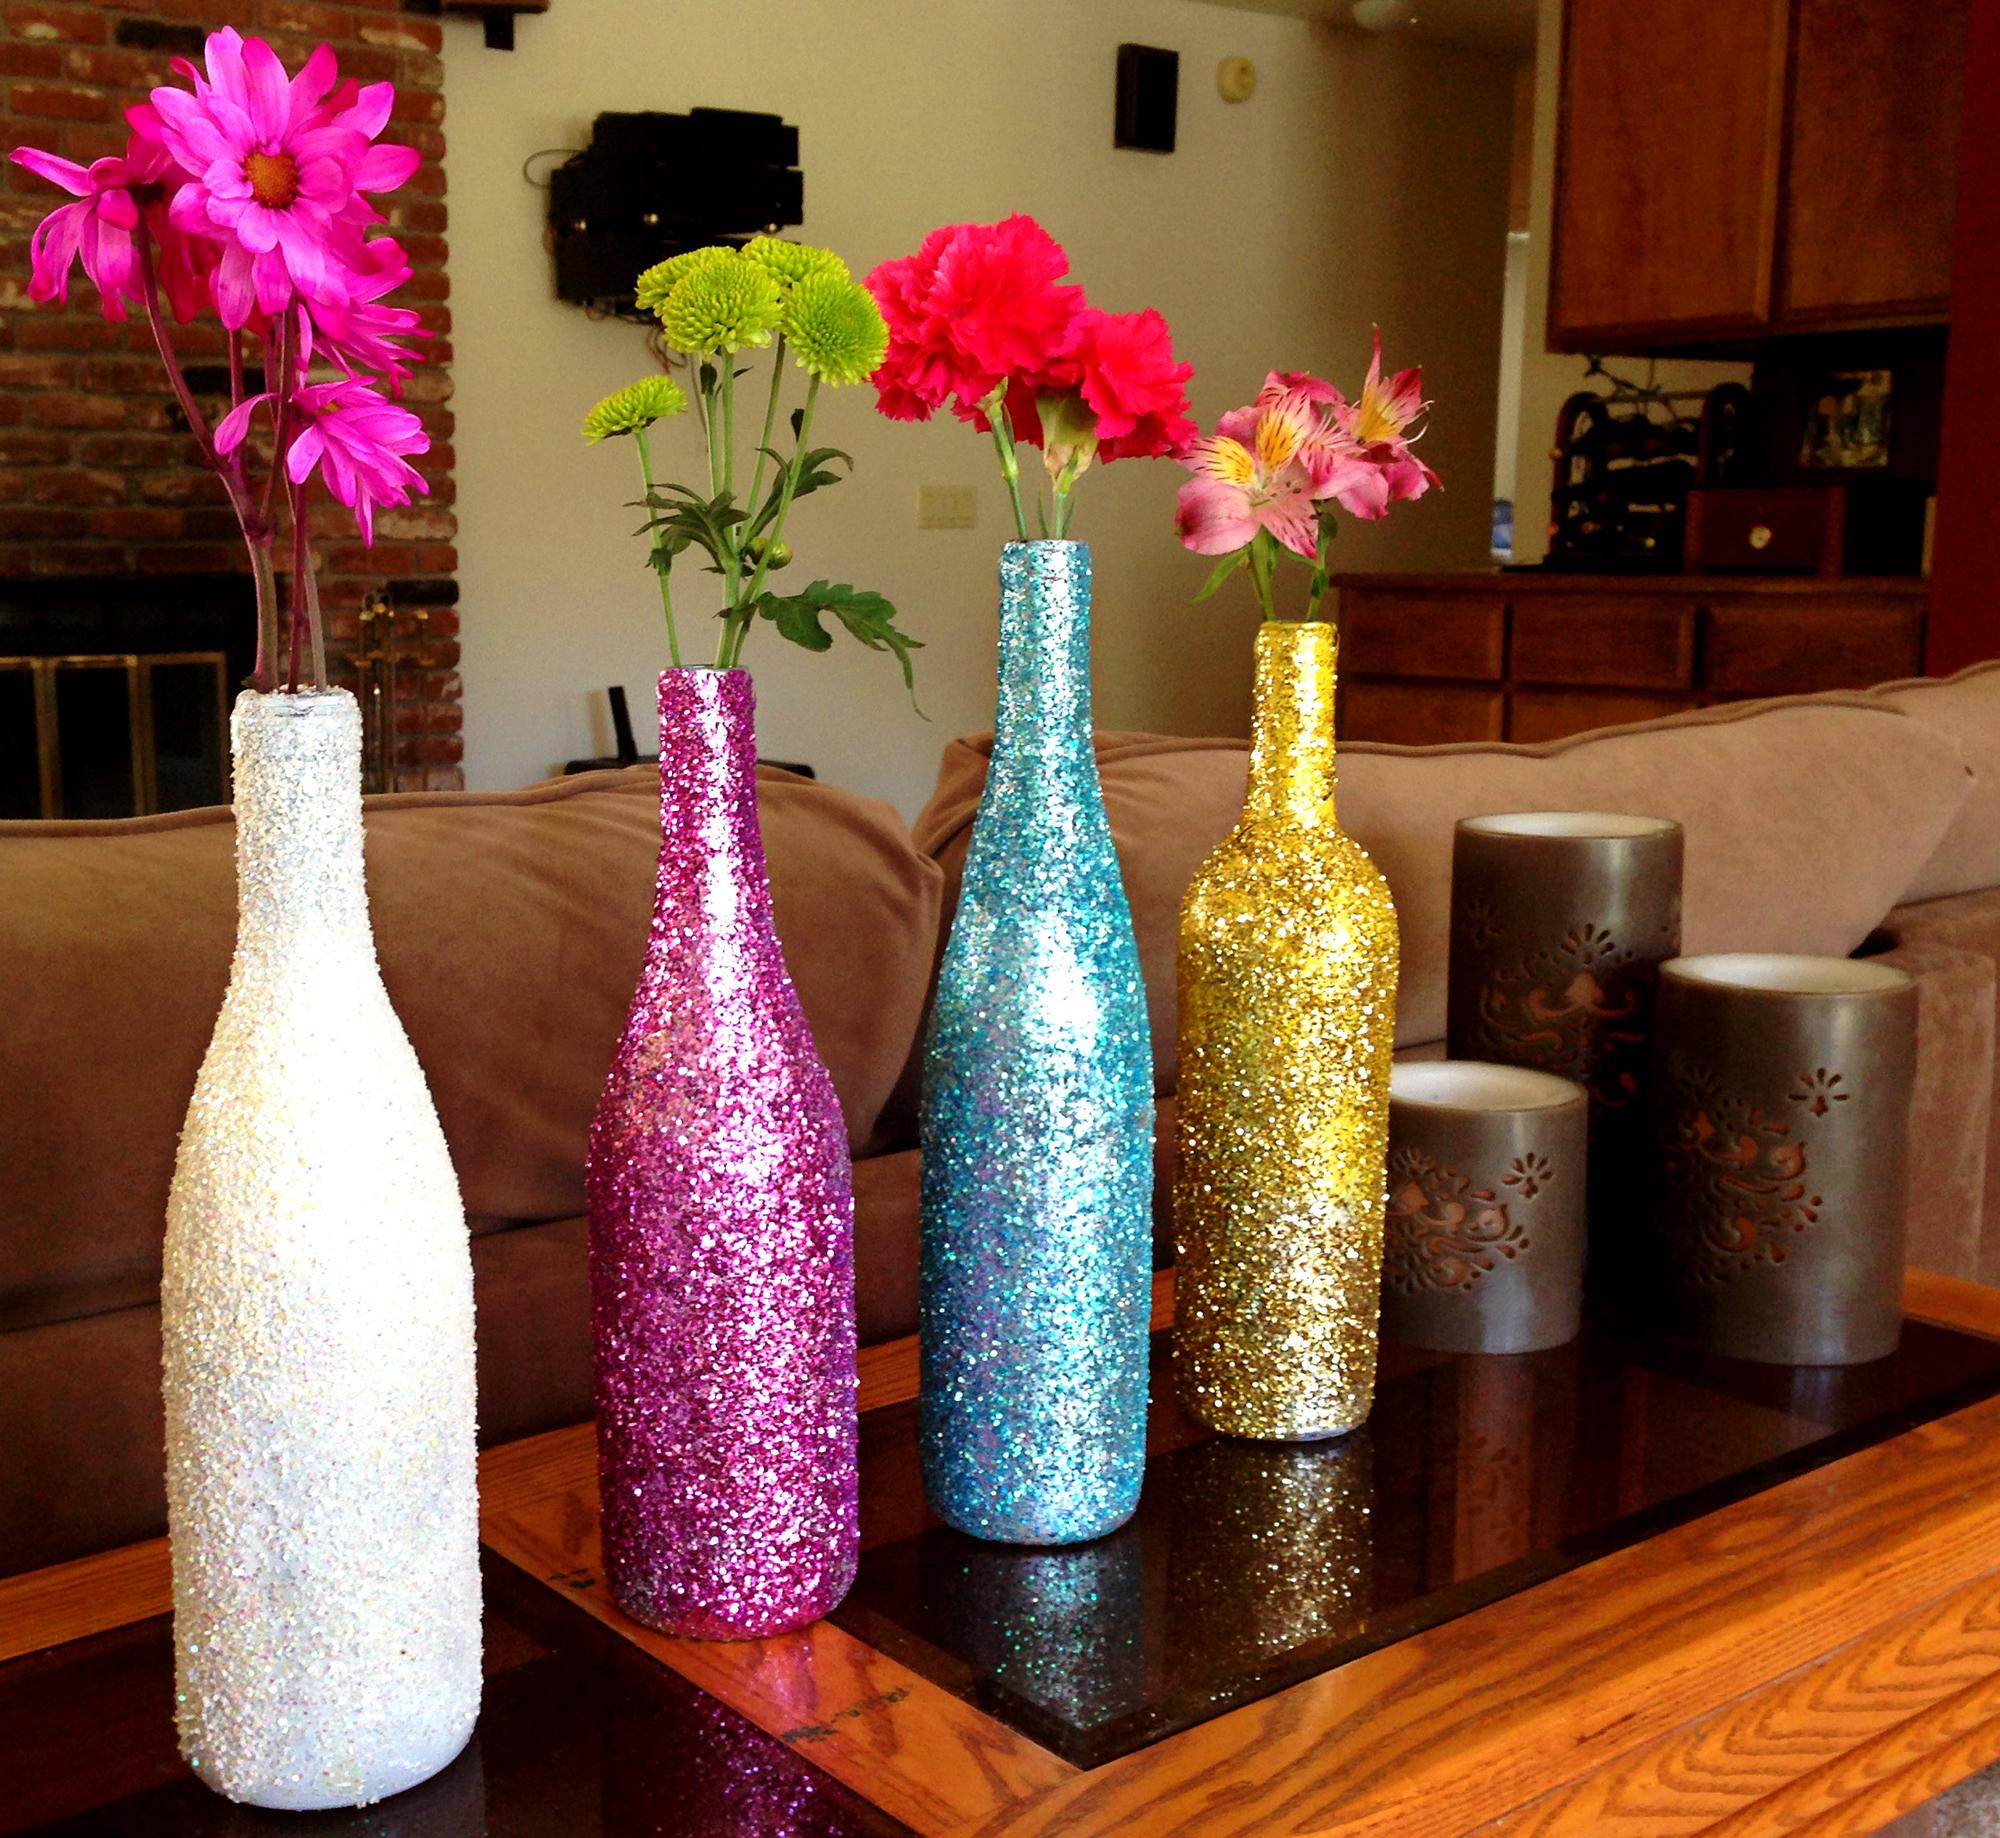 Бутылки, оформленные блестками, в интерьере гостиной